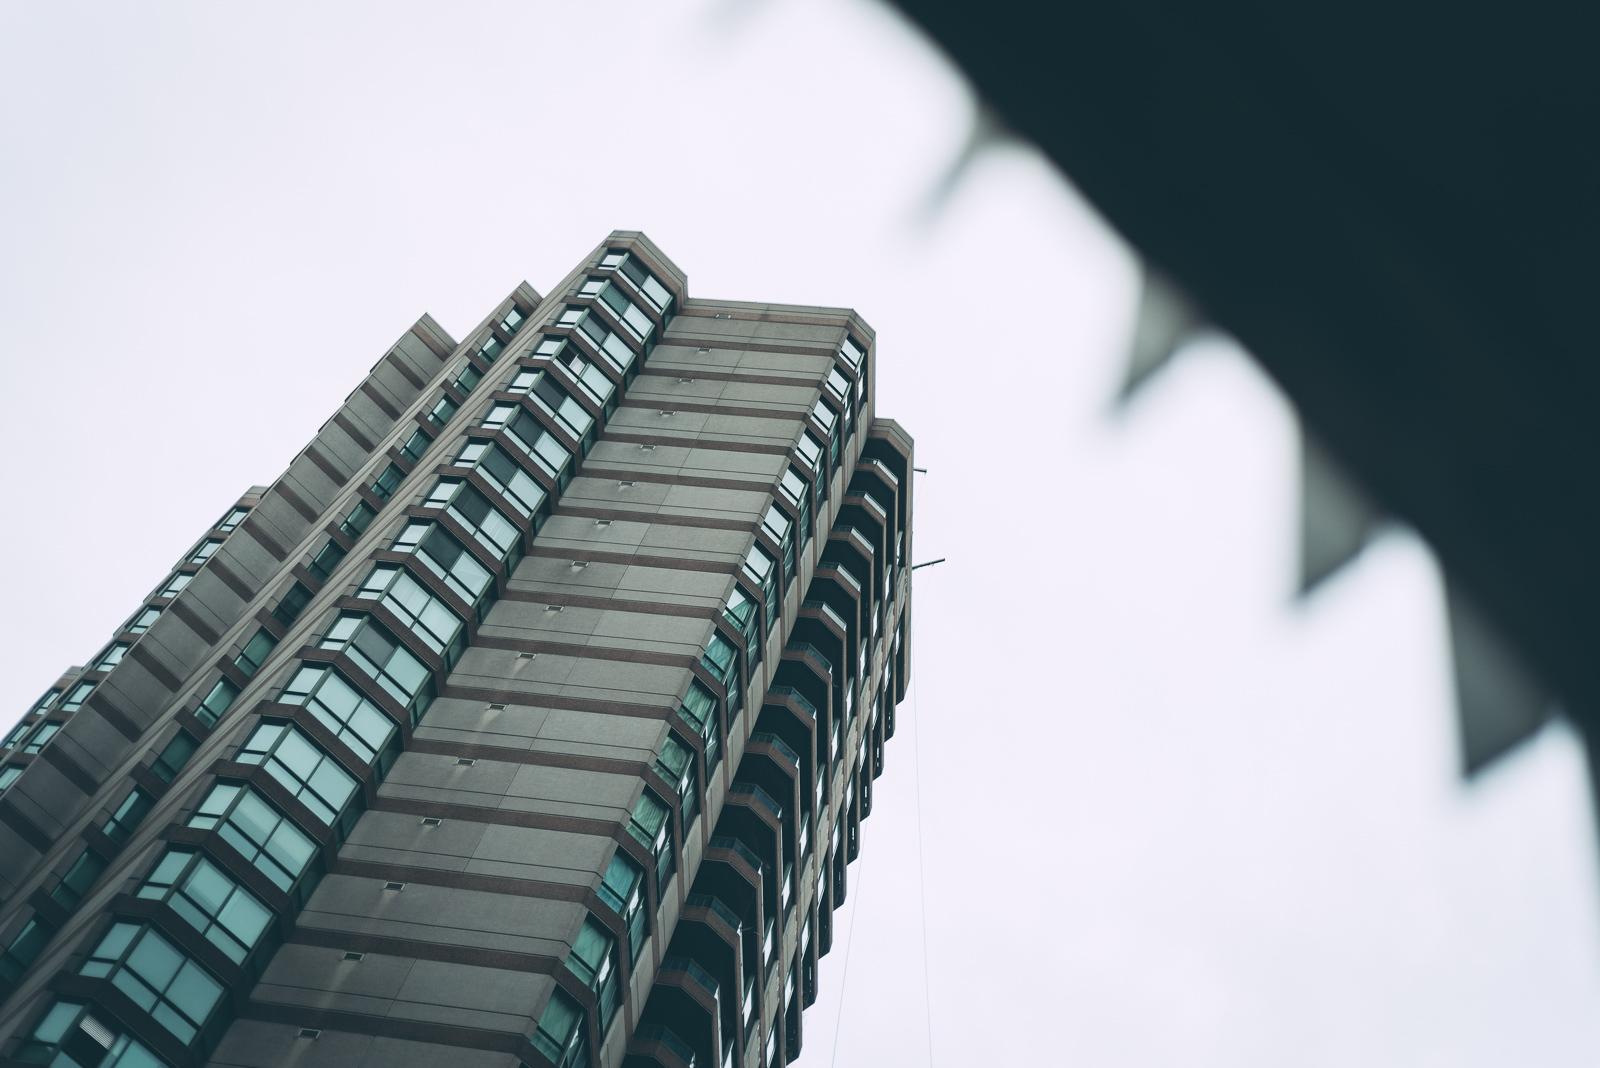 toronto-street-october-2018-blog-1.jpg